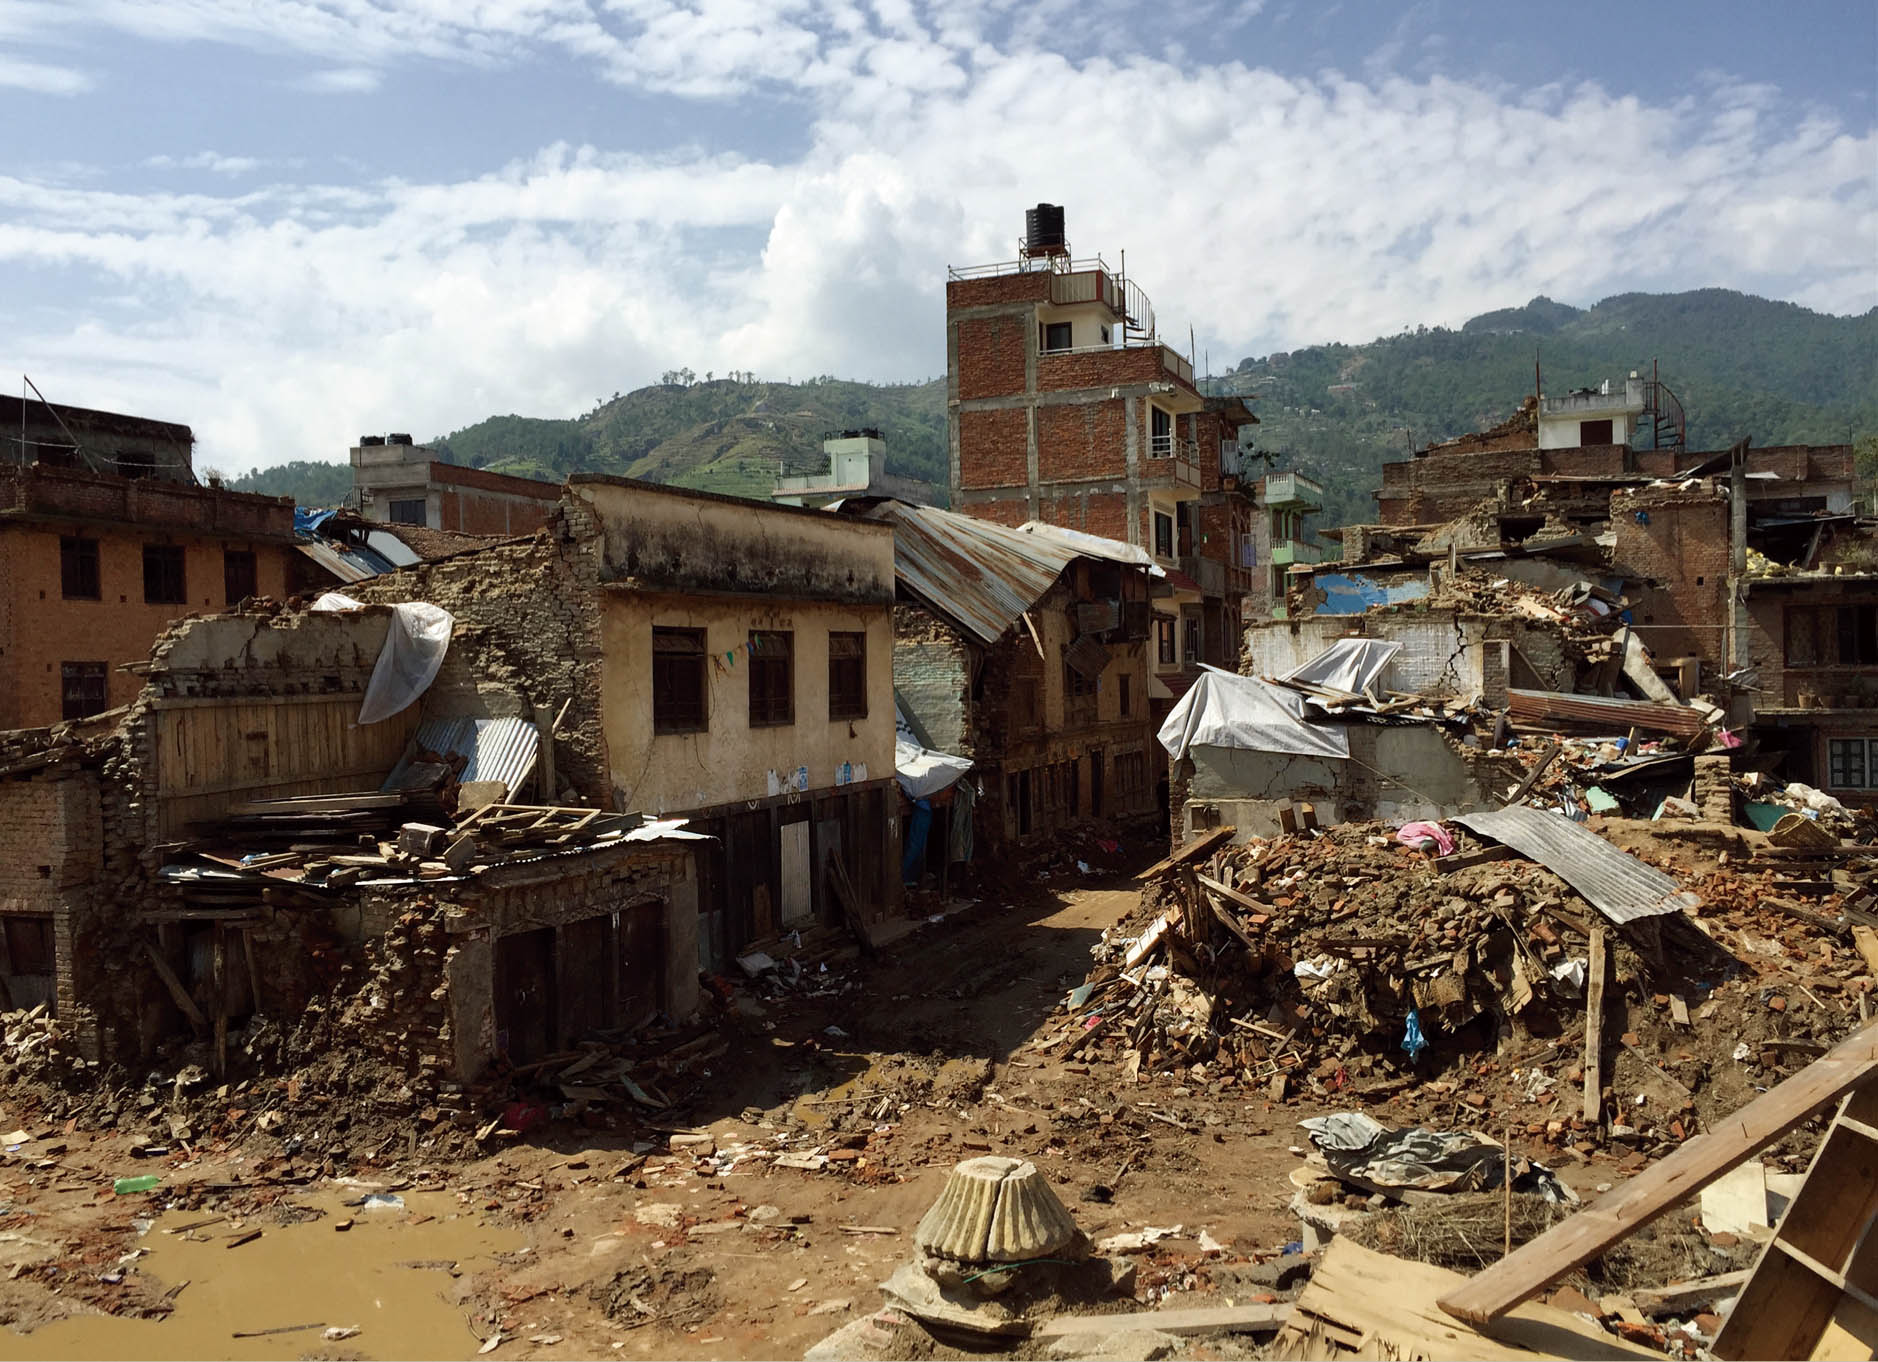 ネパール地震で被災した街並み